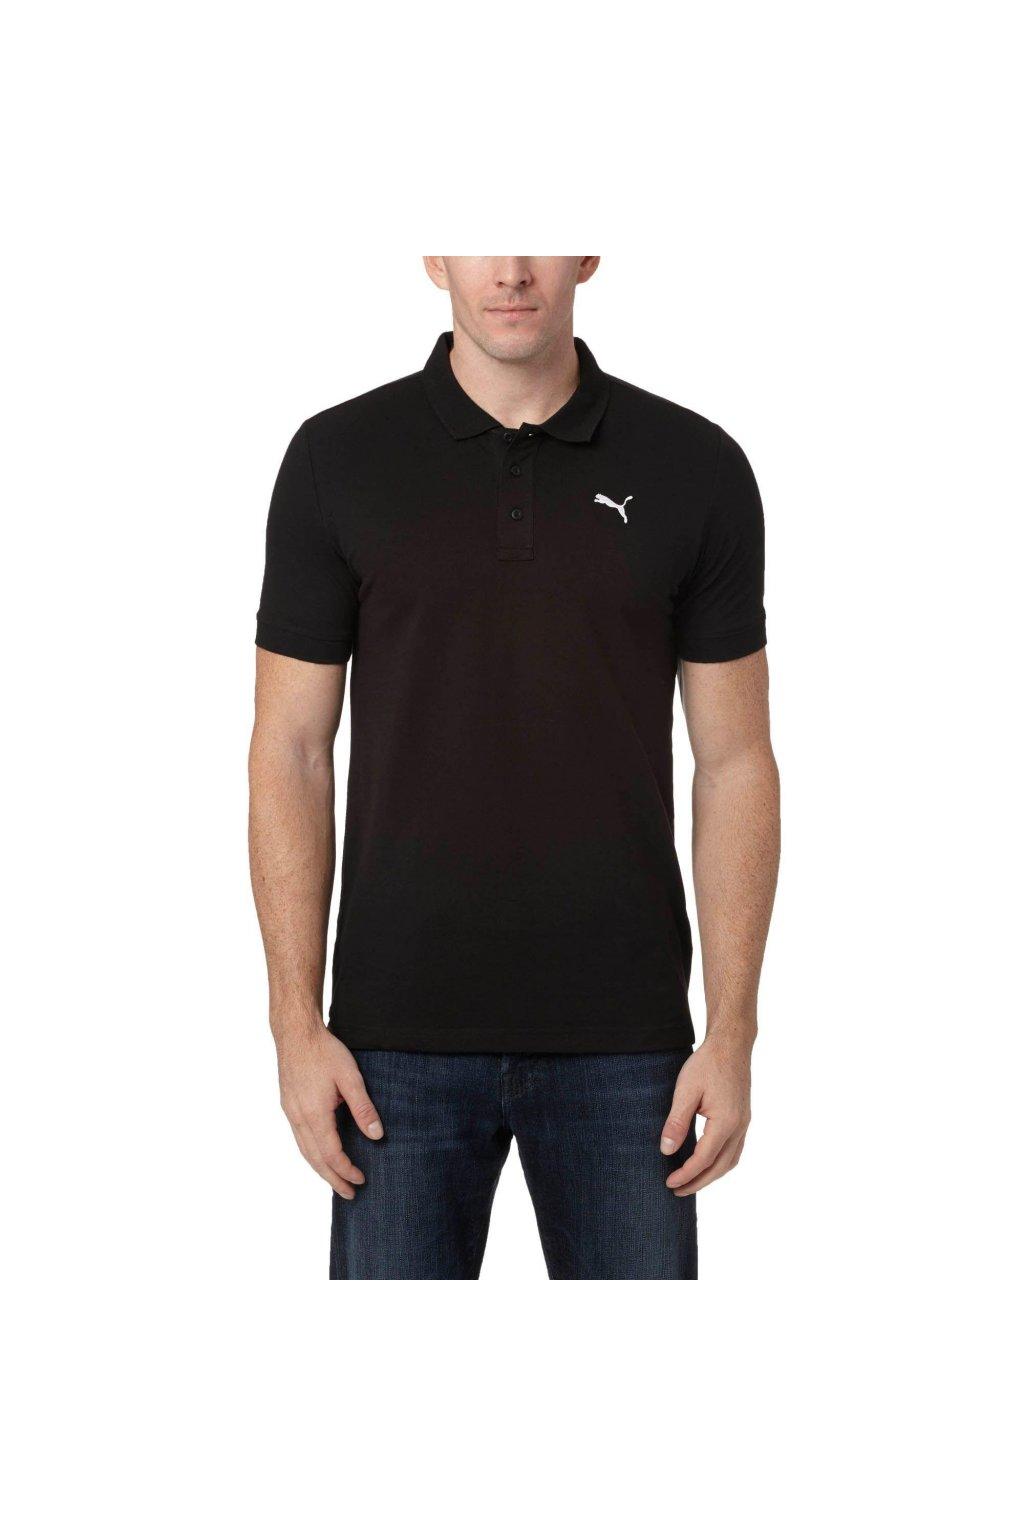 PUMA Essentials pánske polo tričko 838248-01 - Fresh sport 7e1cbad13a2